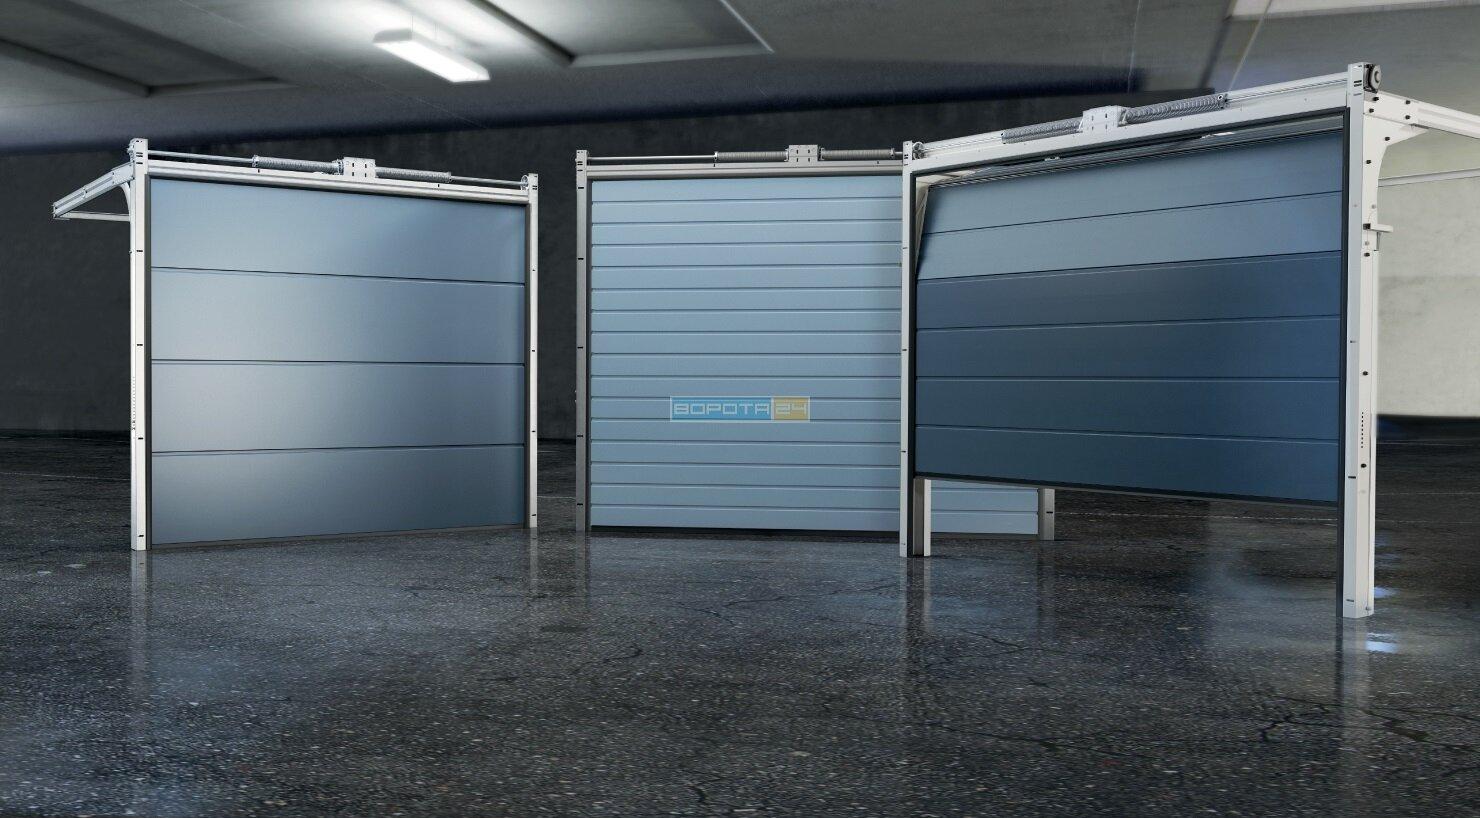 Выбрать дизайн сэндвич панели - гаражные роллетные системы Алютех